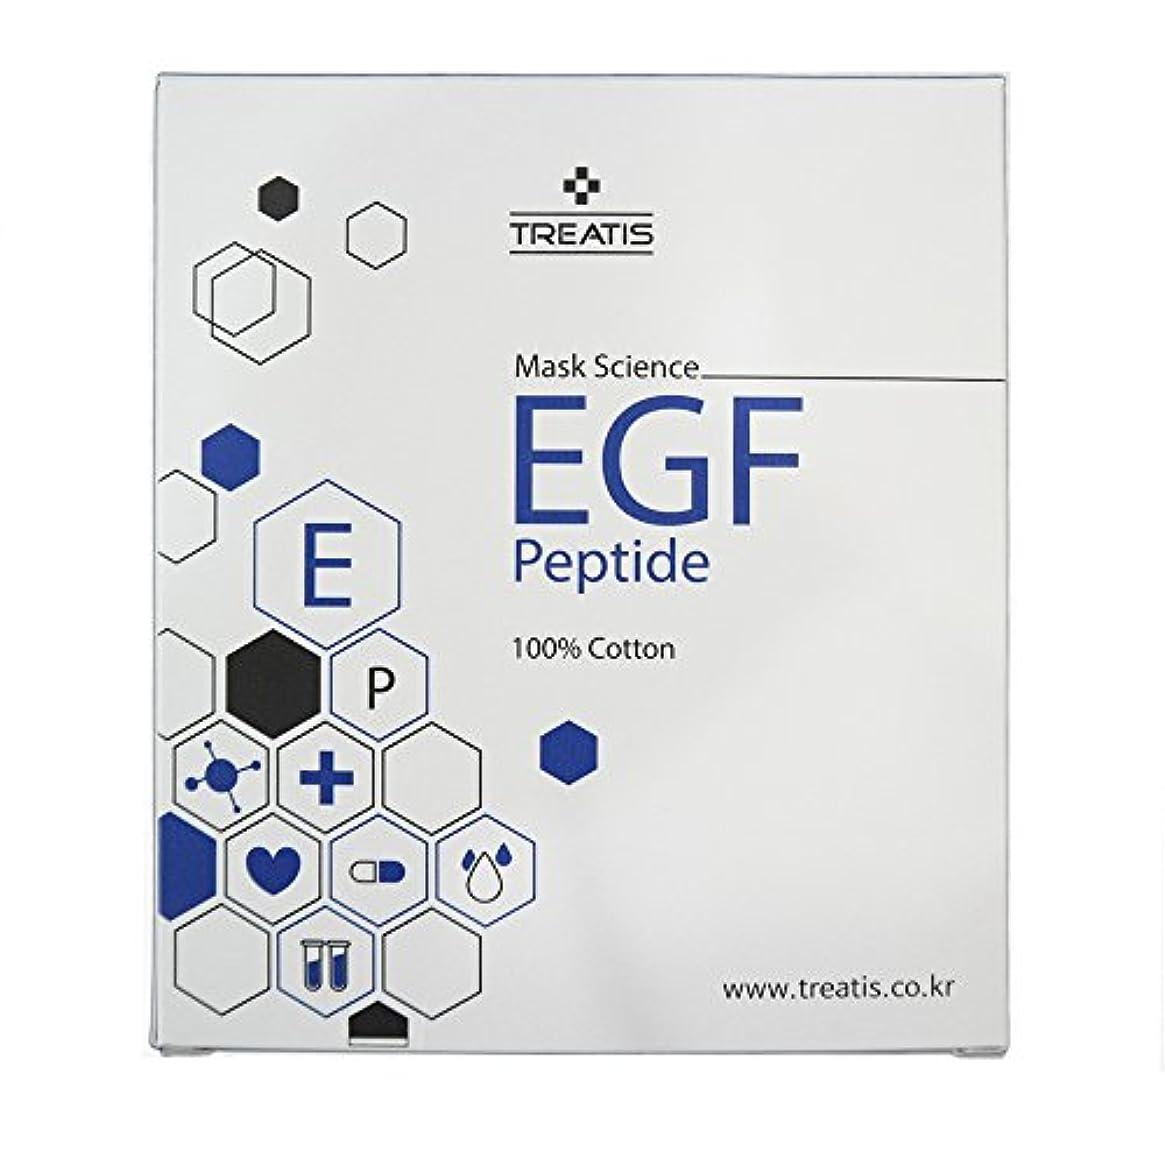 いらいらさせるトランスミッションぼんやりした贈呈品ありTREATIS EGF PEPTIDE MASK PACK (10 Sheet) [並行輸入品]